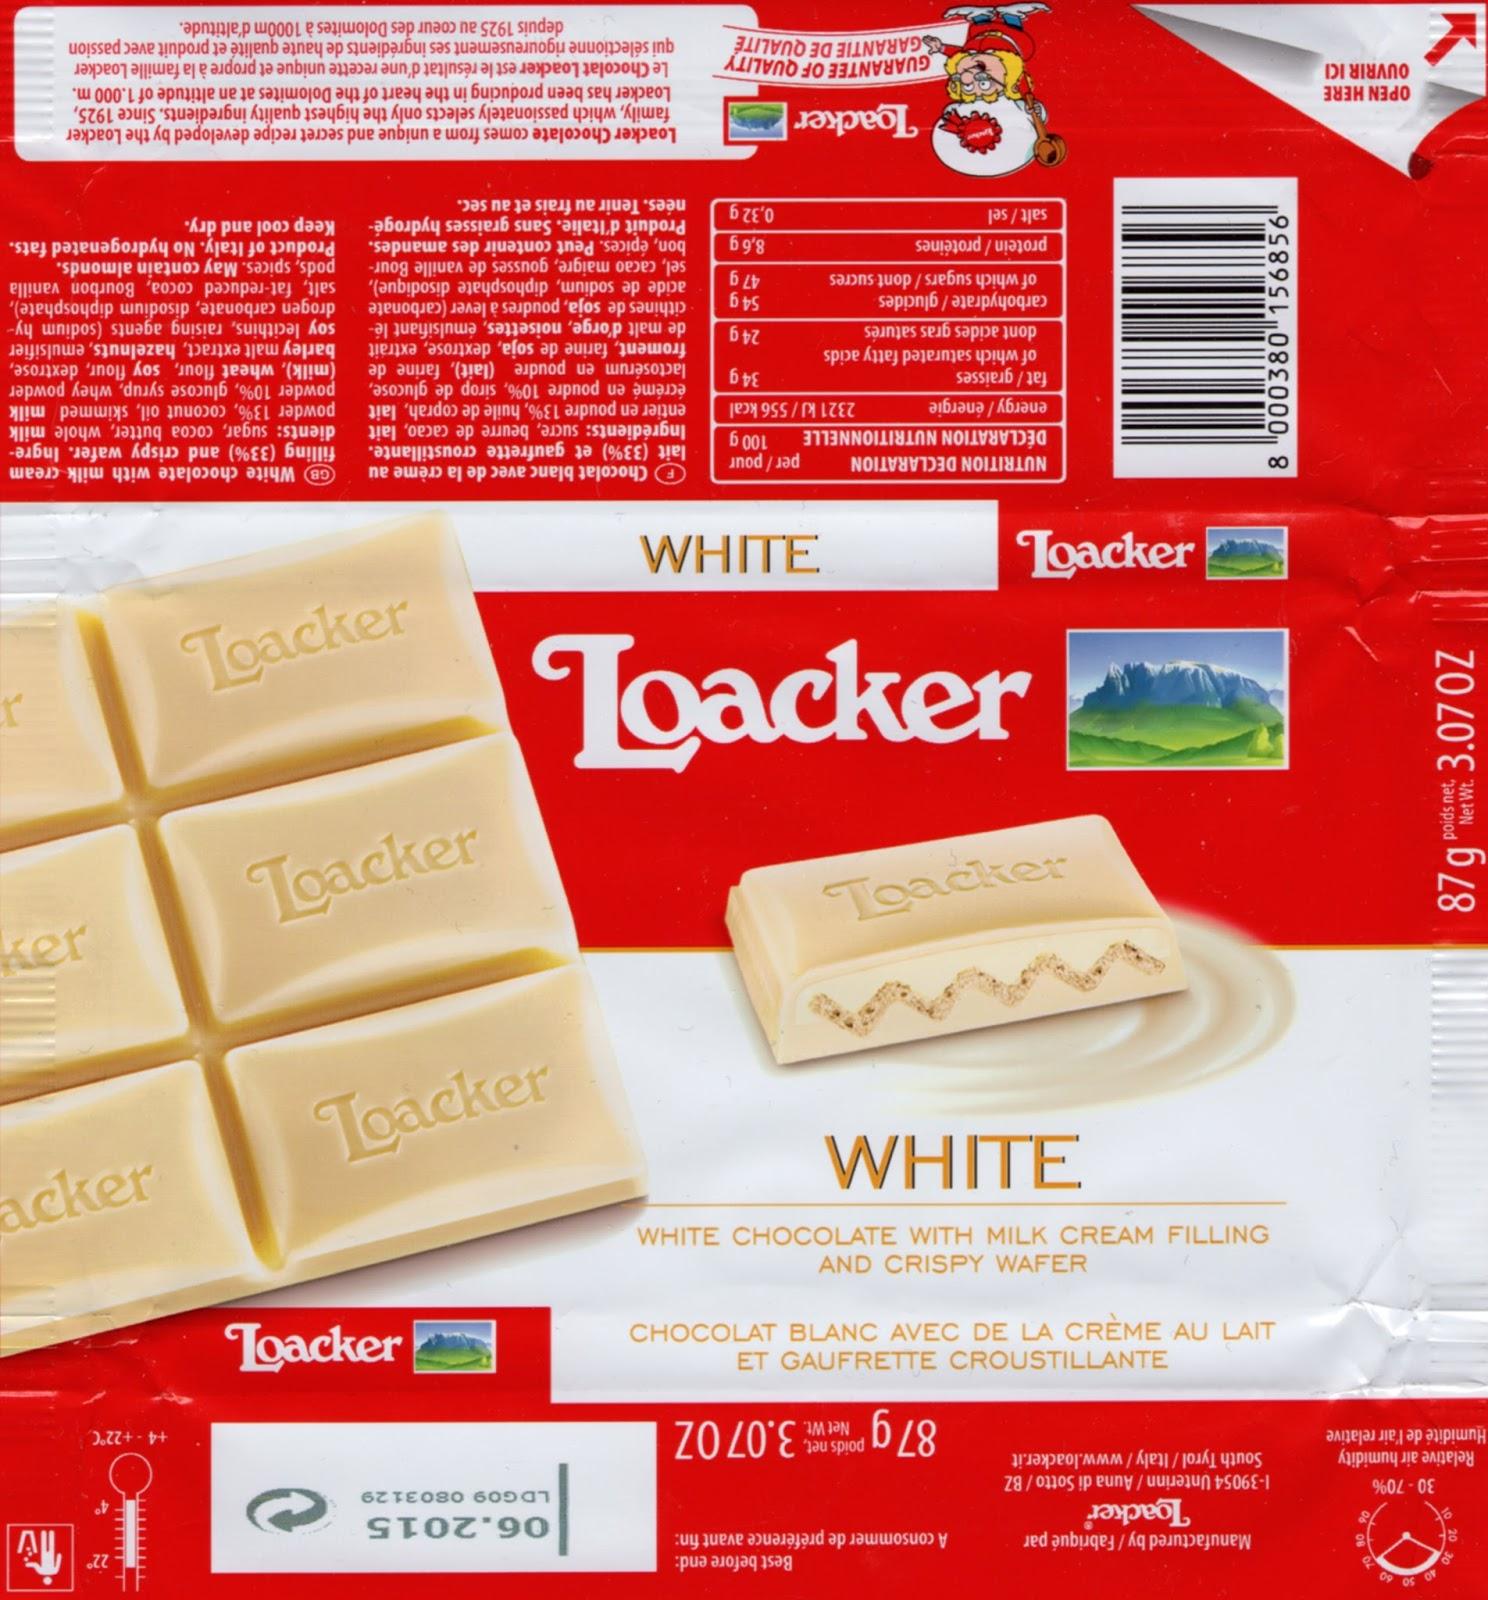 tablette de chocolat blanc fourré loacker blanc et gaufrette croustillante